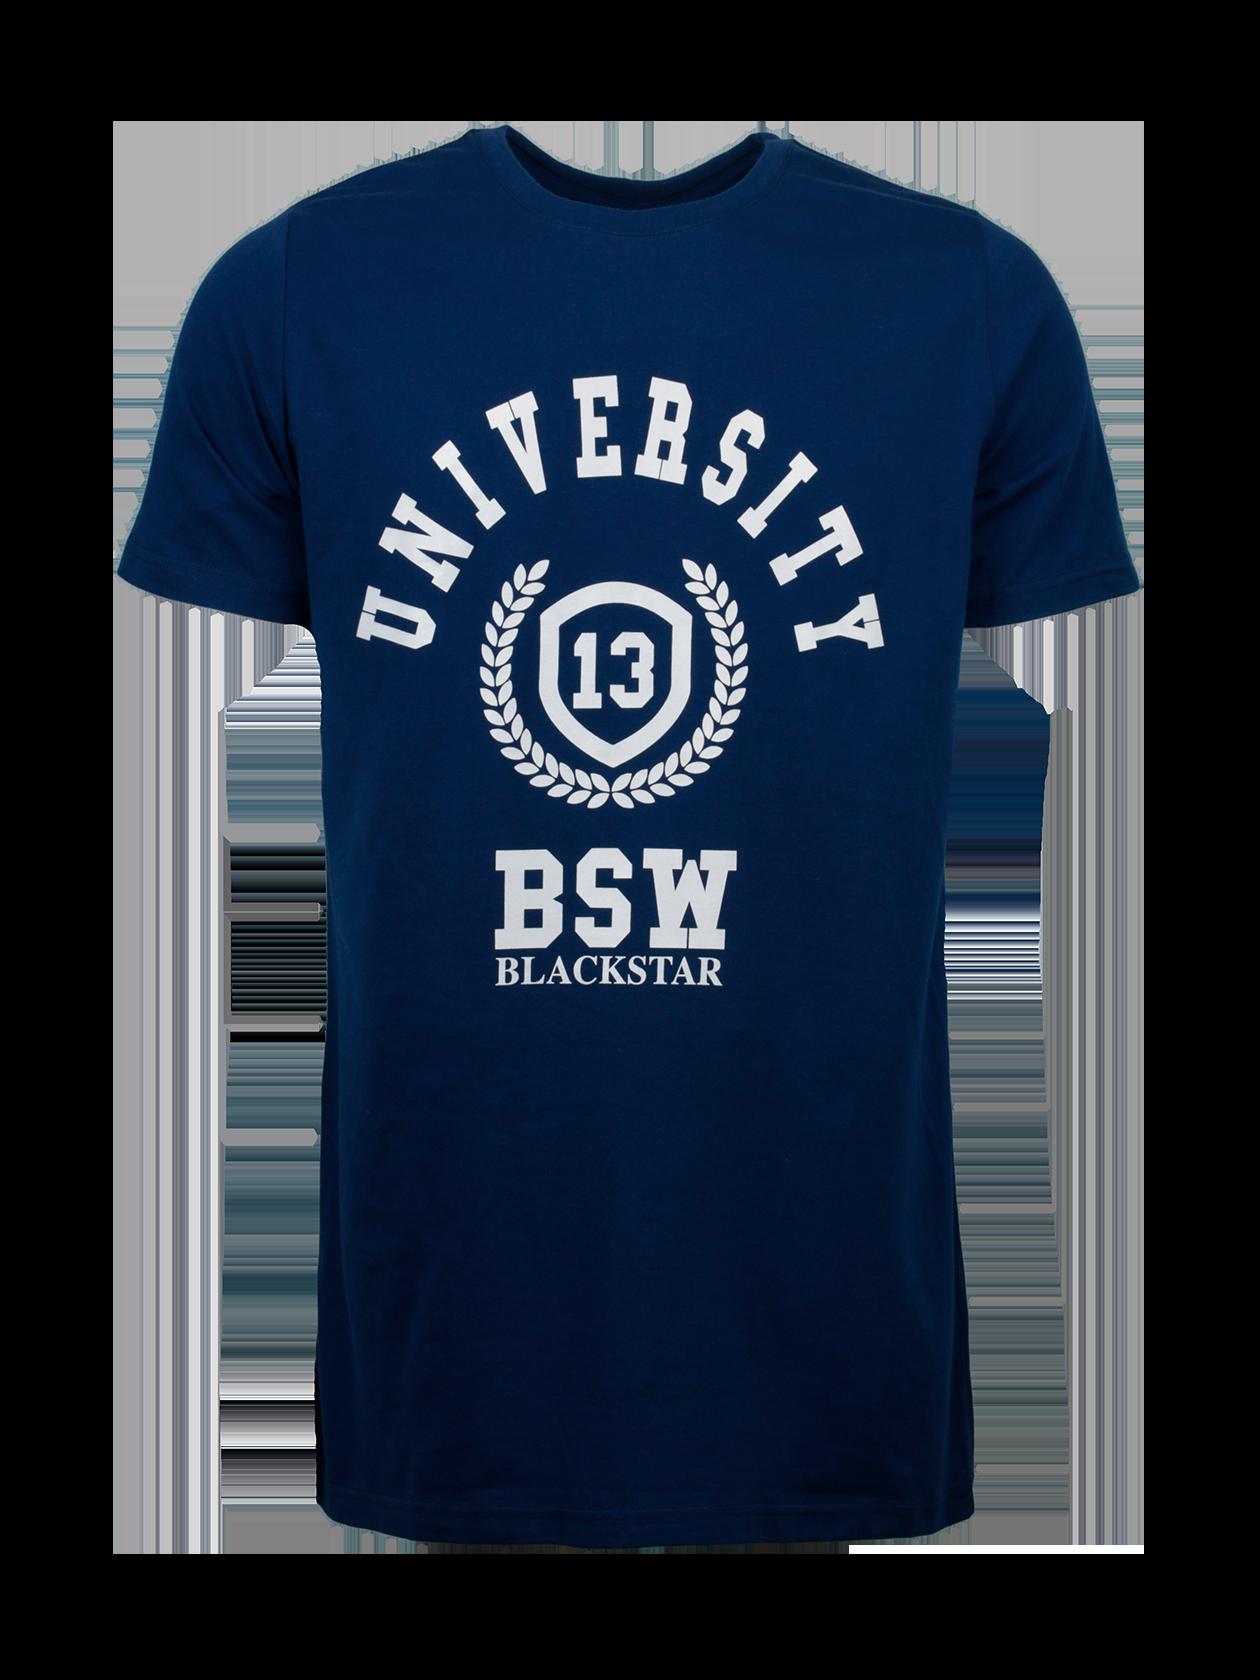 Футболка мужская UNIVERSITYФутболка мужская University 13 – стильное дополнение повседневного и спортивного лука. Лаконичный дизайн, универсальная темно-синяя расцветка. Крой традиционный прямой, свободный. Небольшой рукав, округлая горловина с фирменной нашивкой Black Star Wear внутри. Модель создана из люксового натурального хлопка, обеспечивающего безупречное качество вещи. Яркий акцент дизайна футболки – крупная надпись на спине Black Star 13 белым цветом с эффектом намазанной краски.&amp;nbsp;<br><br>Размер: M<br>Цвет: Синий<br>Пол: Мужской